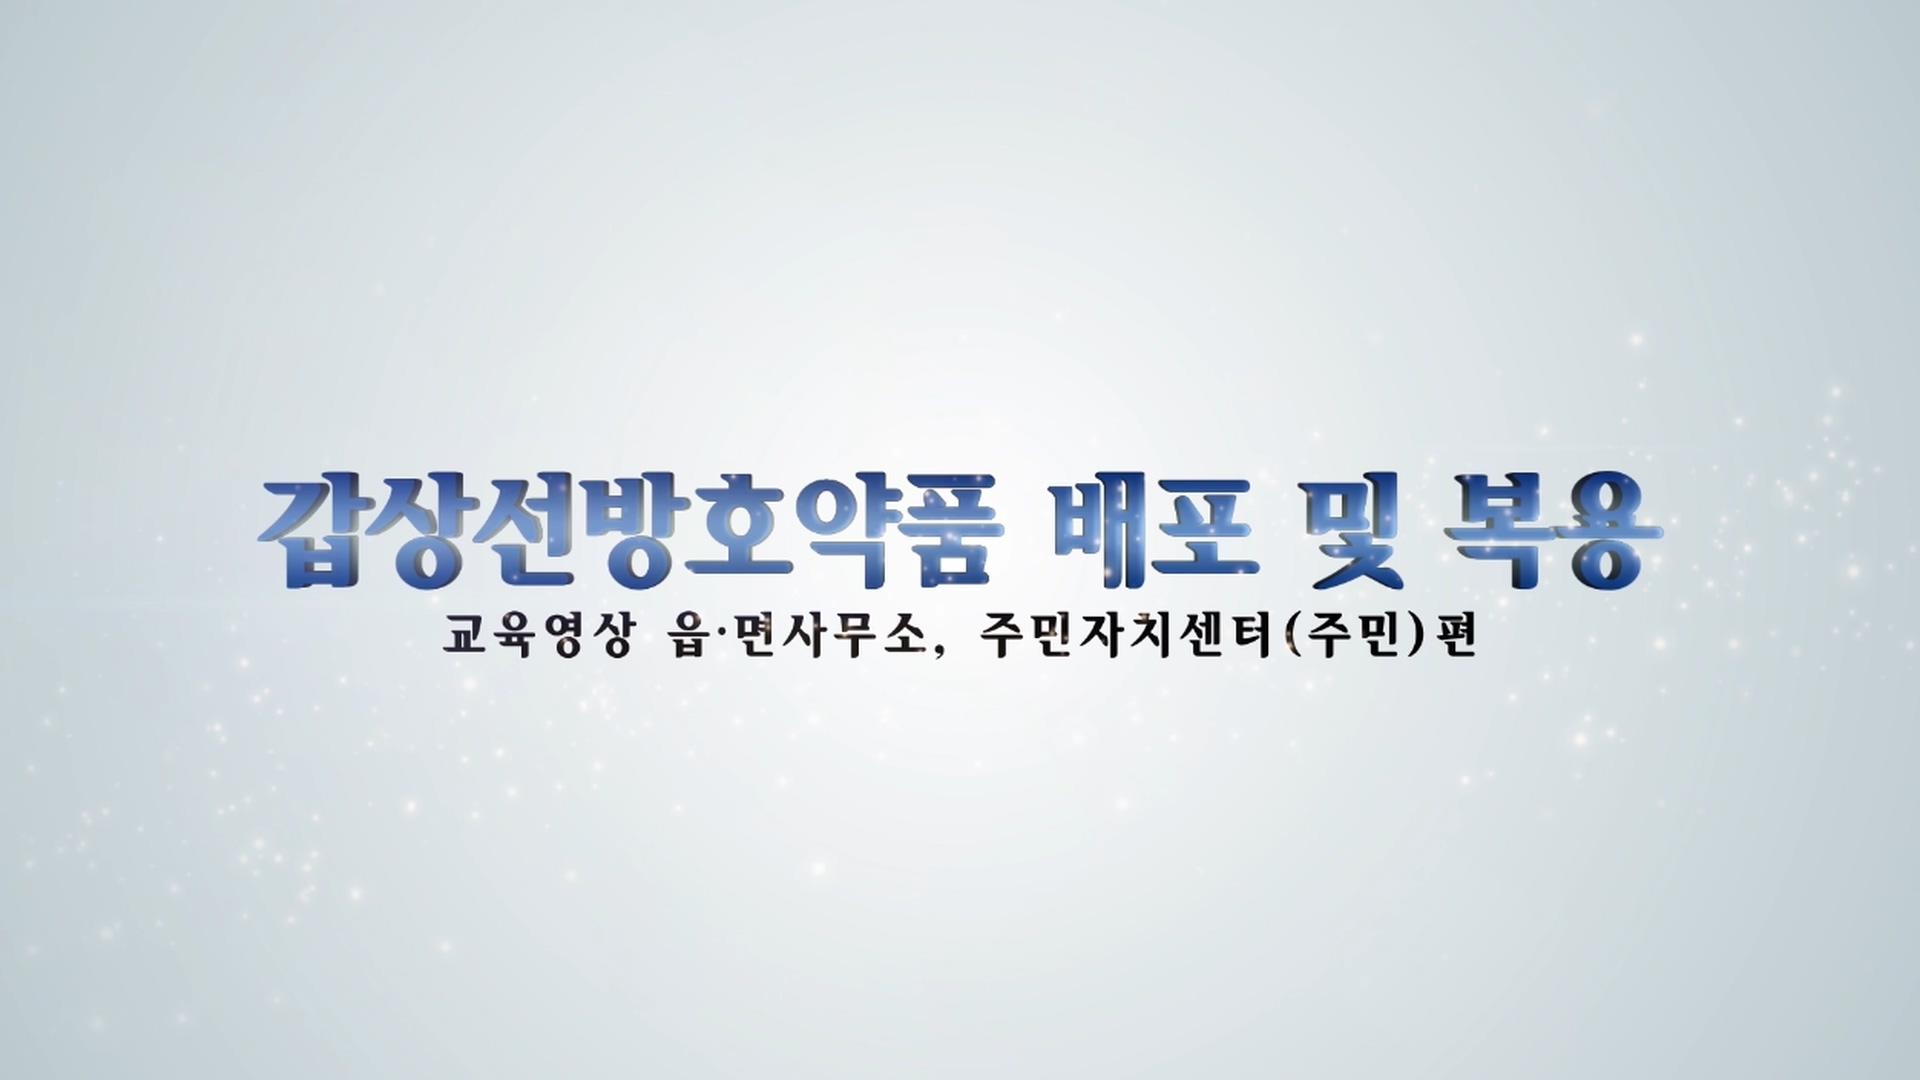 갑상선방호약품 교육영상주민국문.mp4_20180512_172810.167.jpg